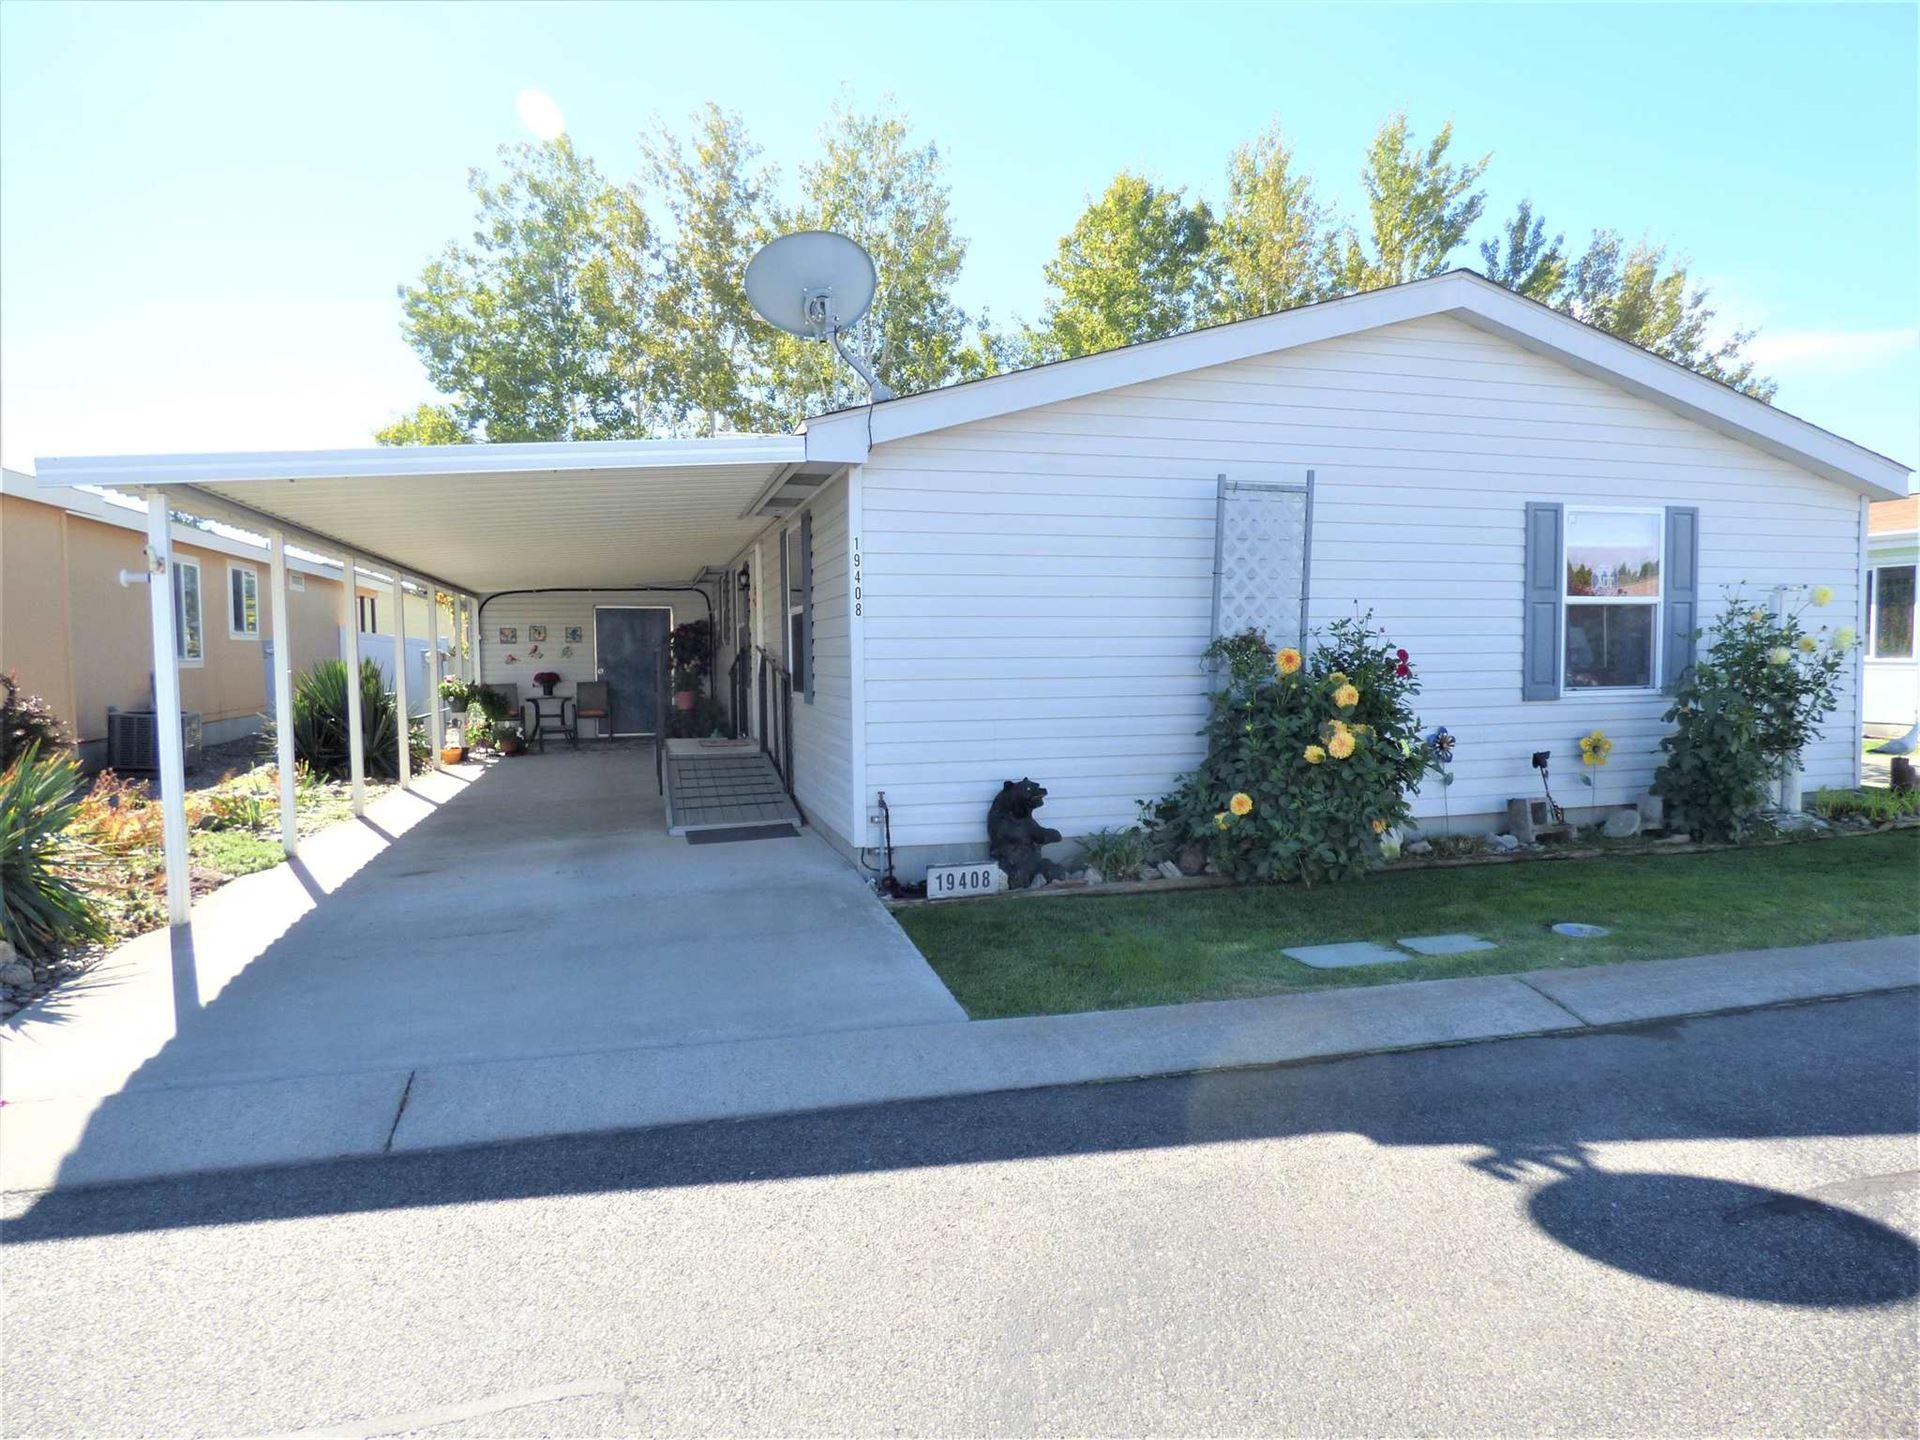 19408 E Augusta Ln, Spokane, WA 99016 - #: 202123208